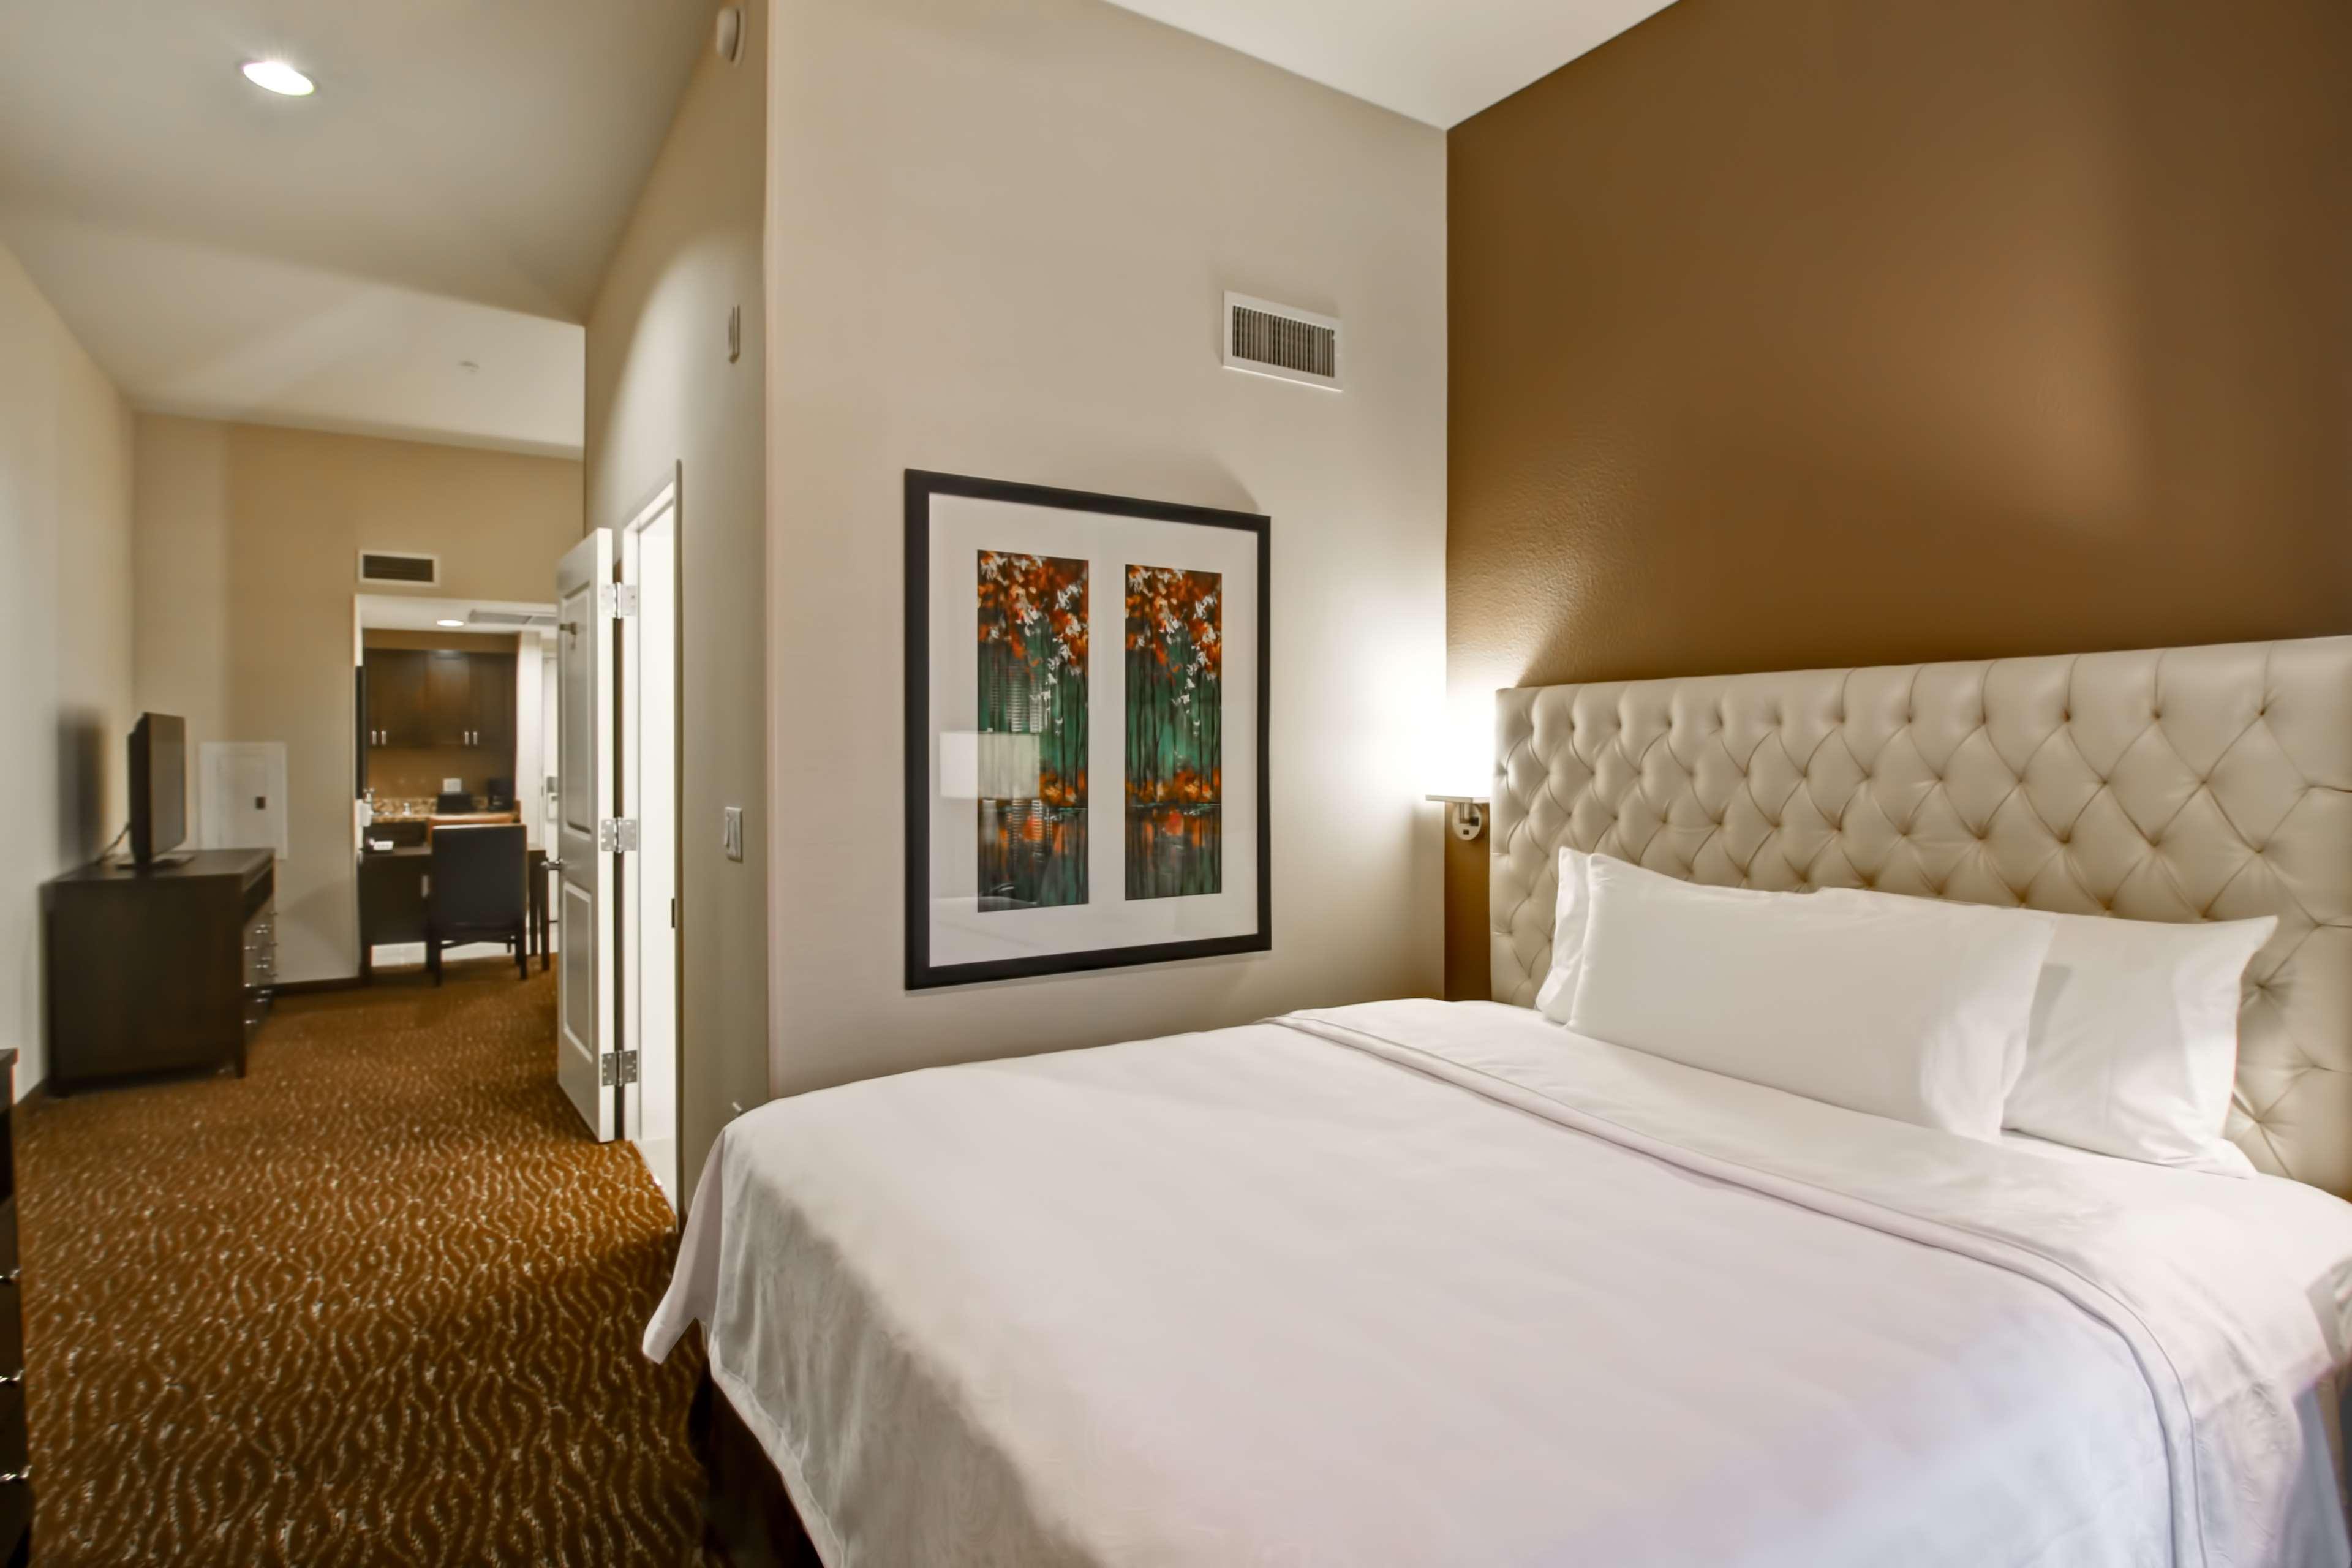 Homewood Suites by Hilton Palo Alto image 22